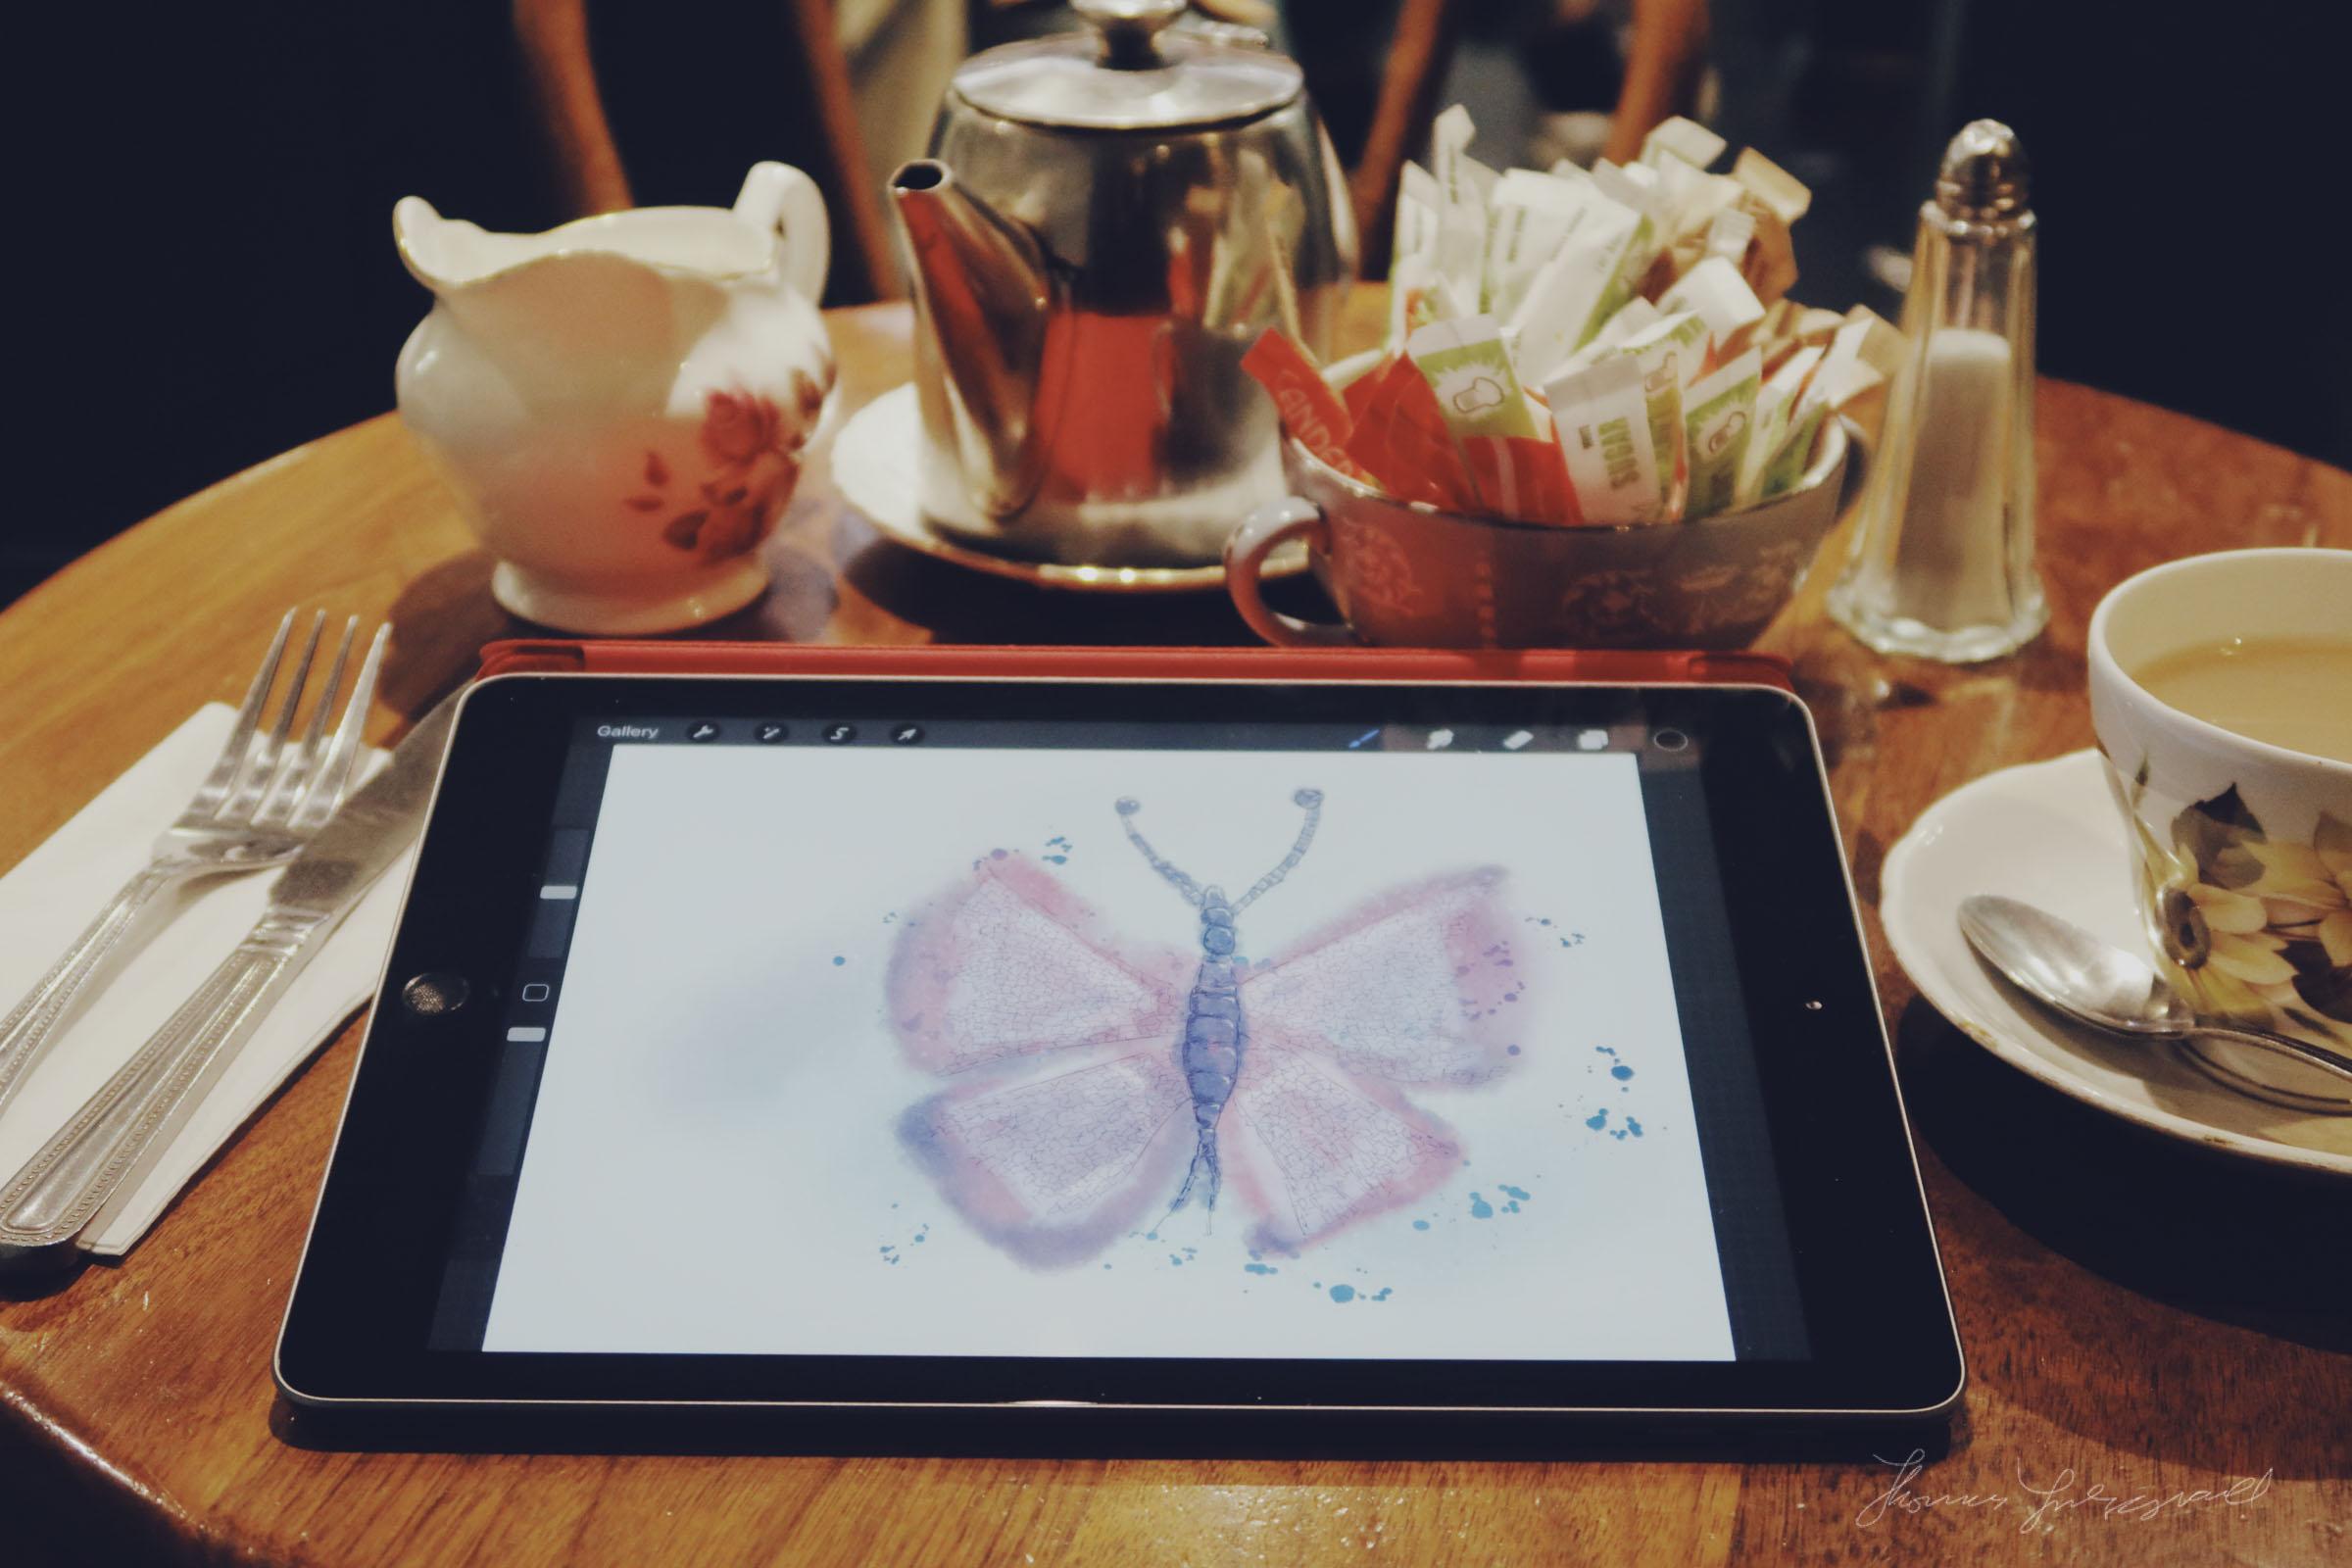 iPad and ProCreate